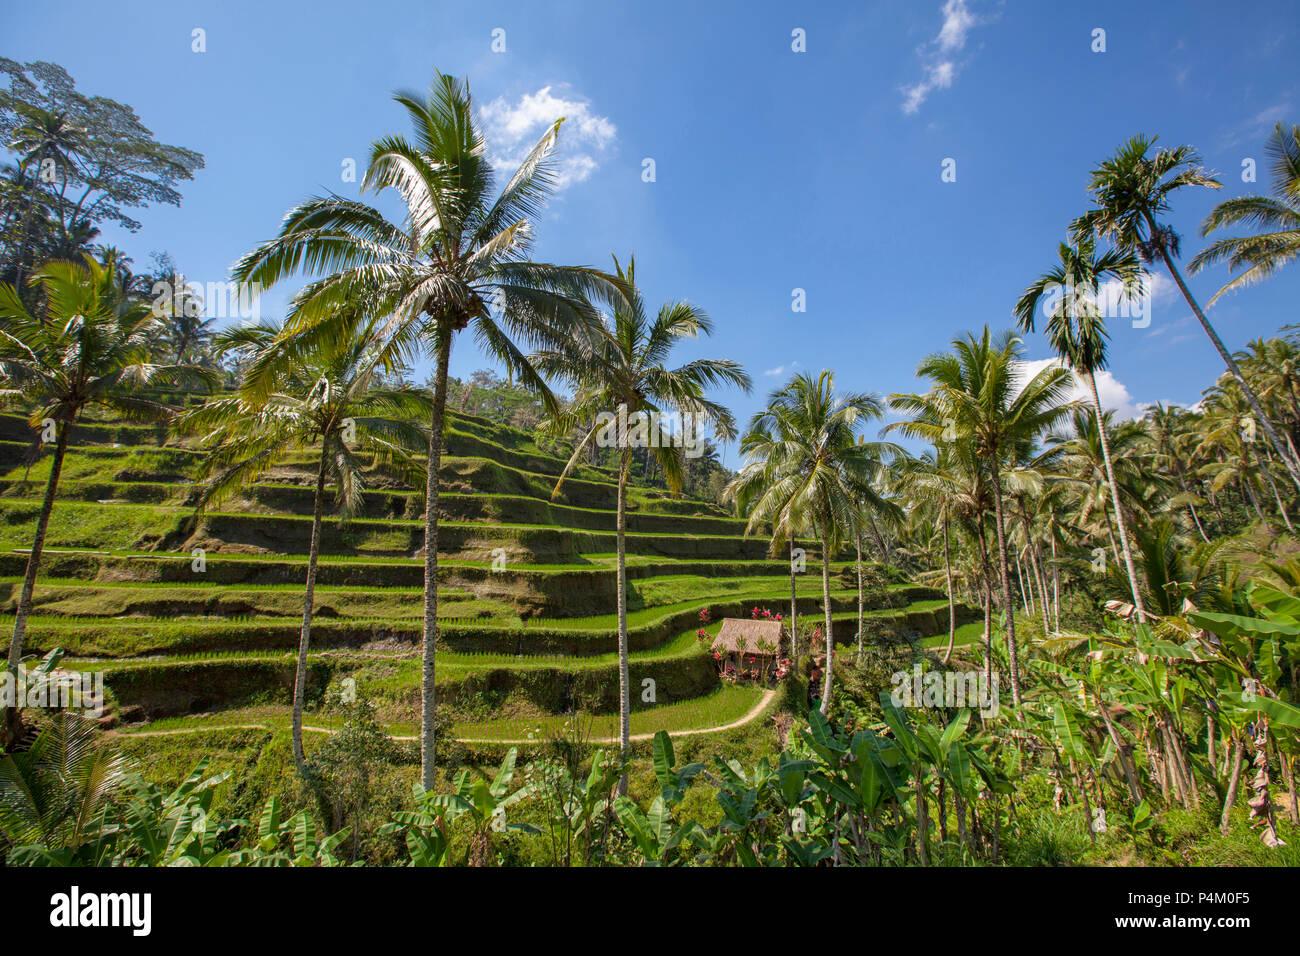 Reisterrassen in Tegallalang. Ubud, Bali, Indonesien Stockbild